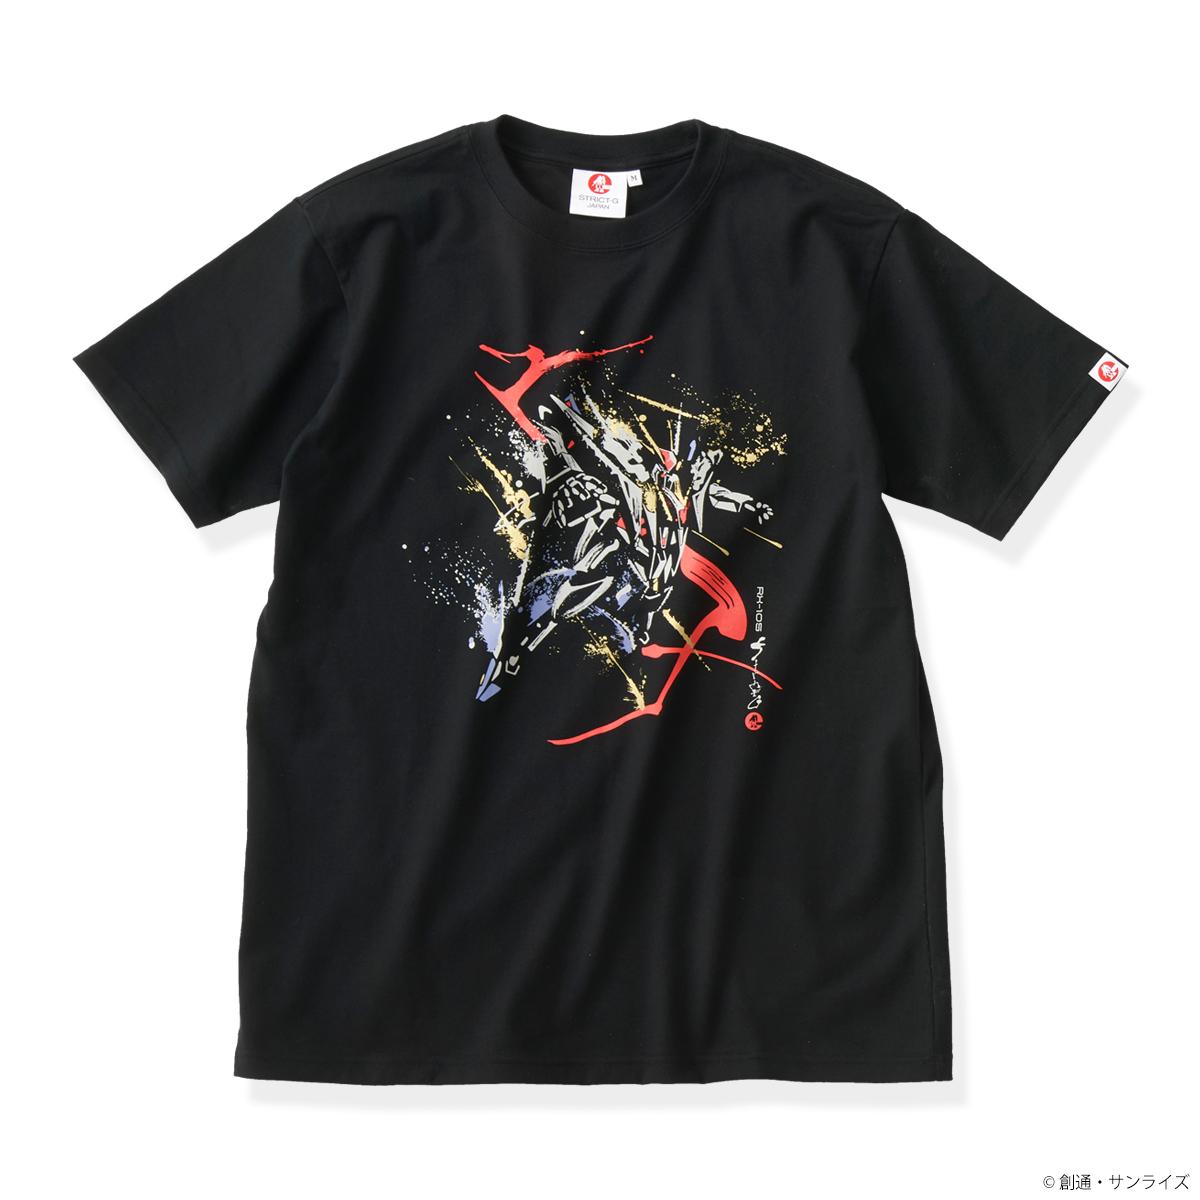 Ξ Gundam T-shirt—Mobile Suit Gundam Hathaway/STRICT-G JAPAN Collaboration